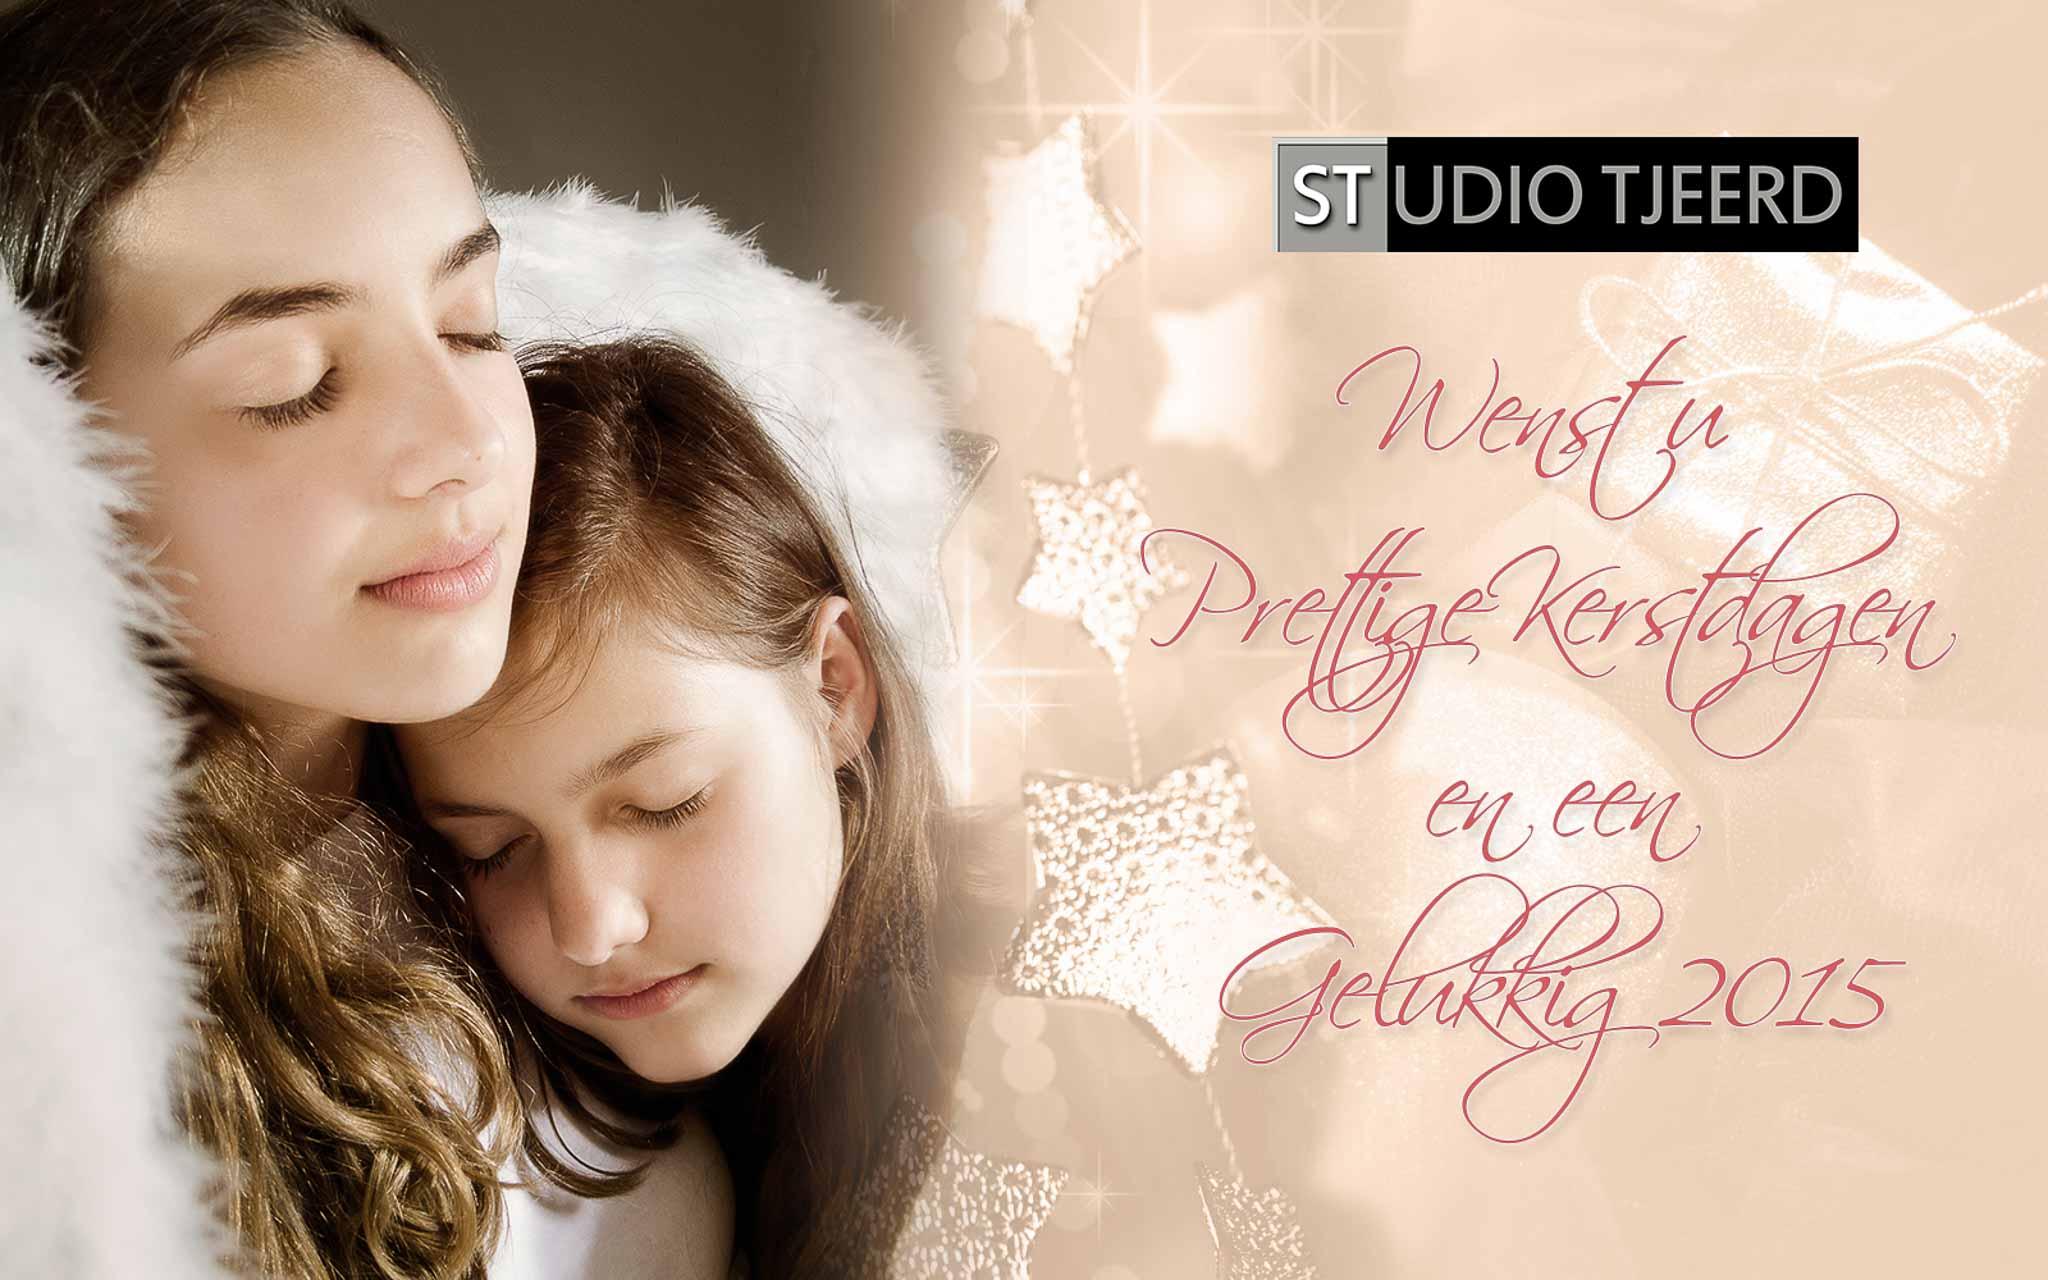 Kerstwensen Studio Tjeerd 2014